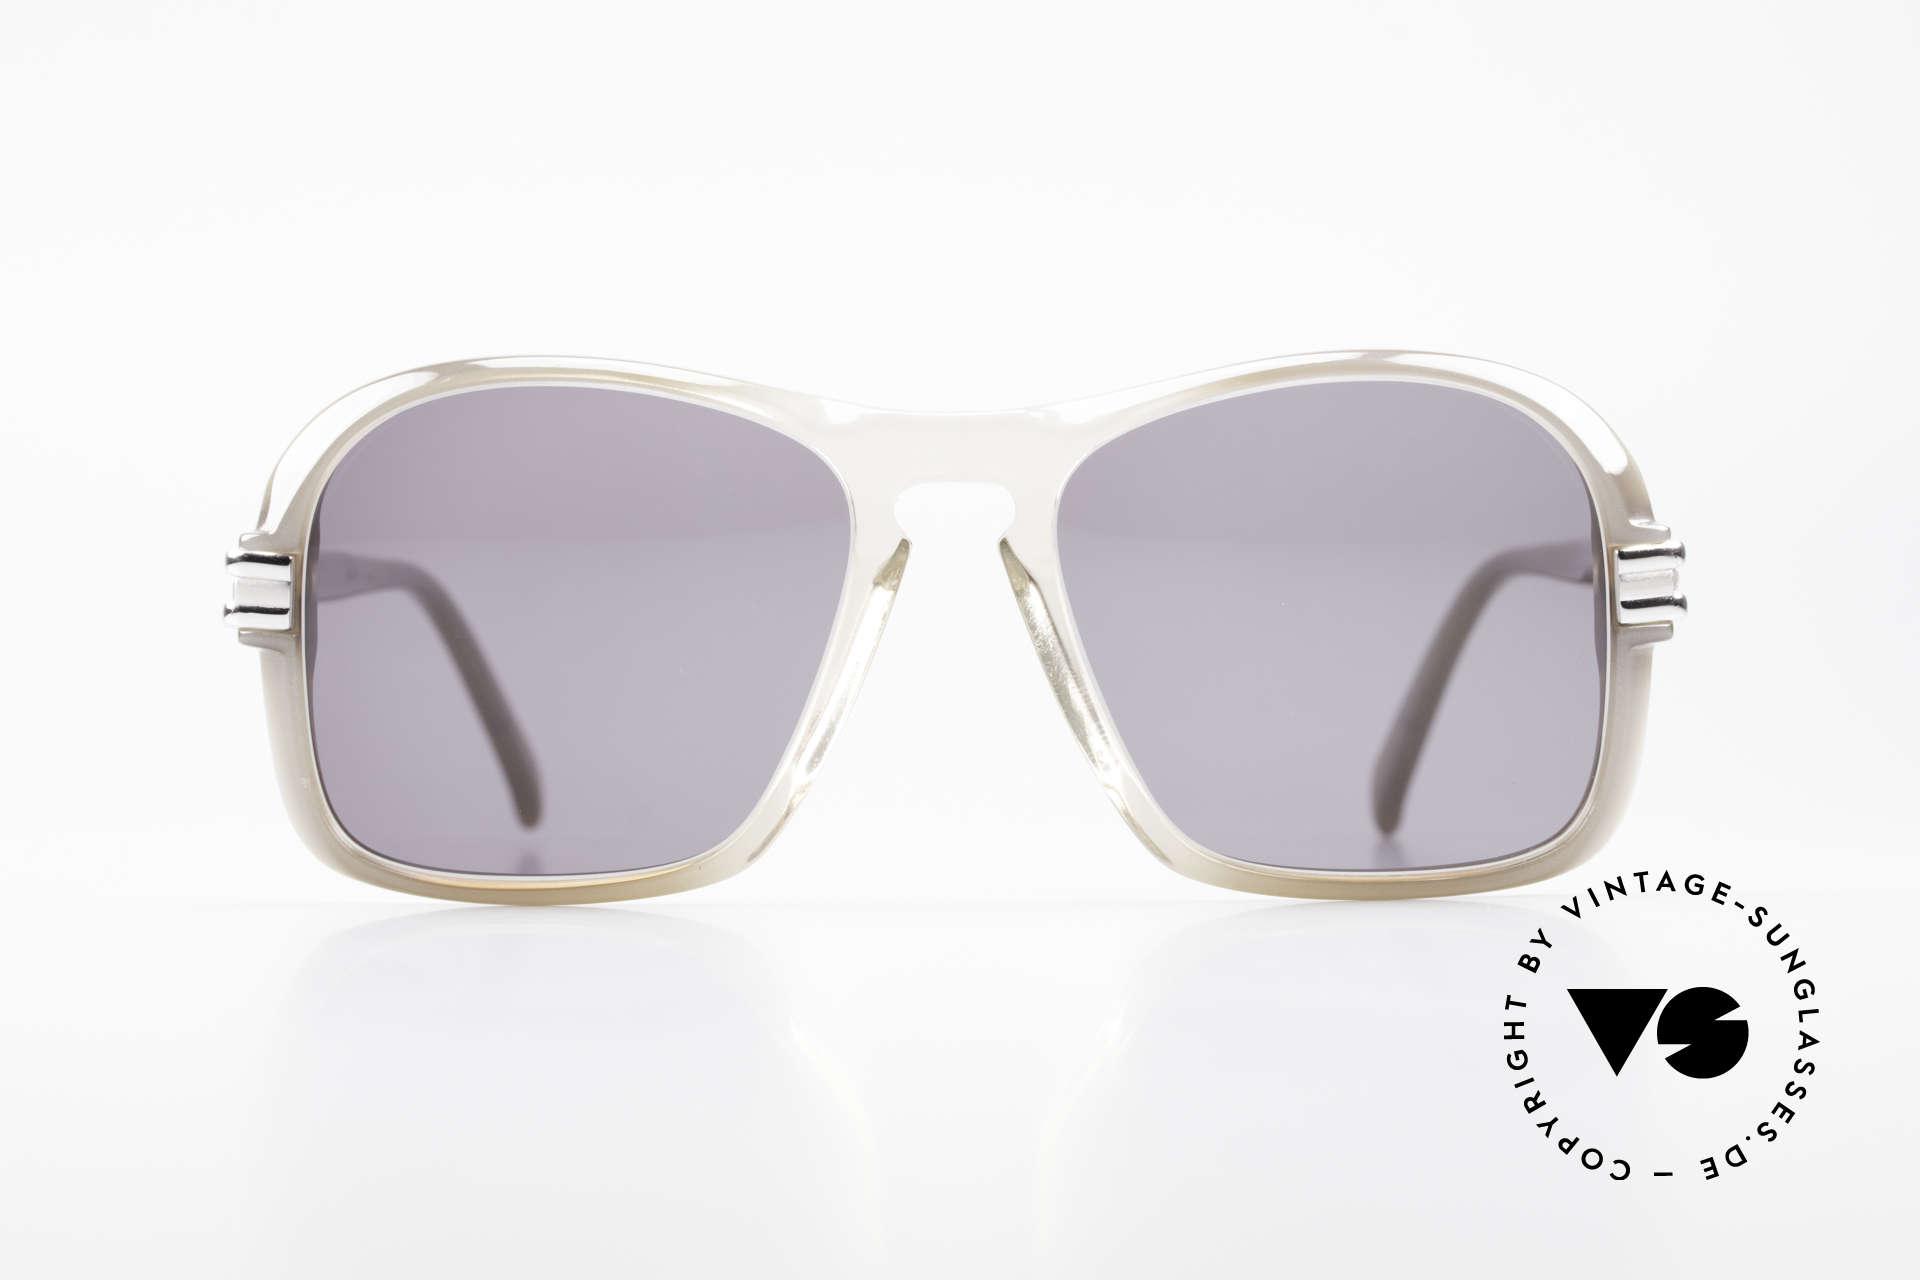 Cazal 606 70er Brille Erste Cazal Serie, Modell aus der ersten Serie von Cari Zalloni überhaupt, Passend für Herren